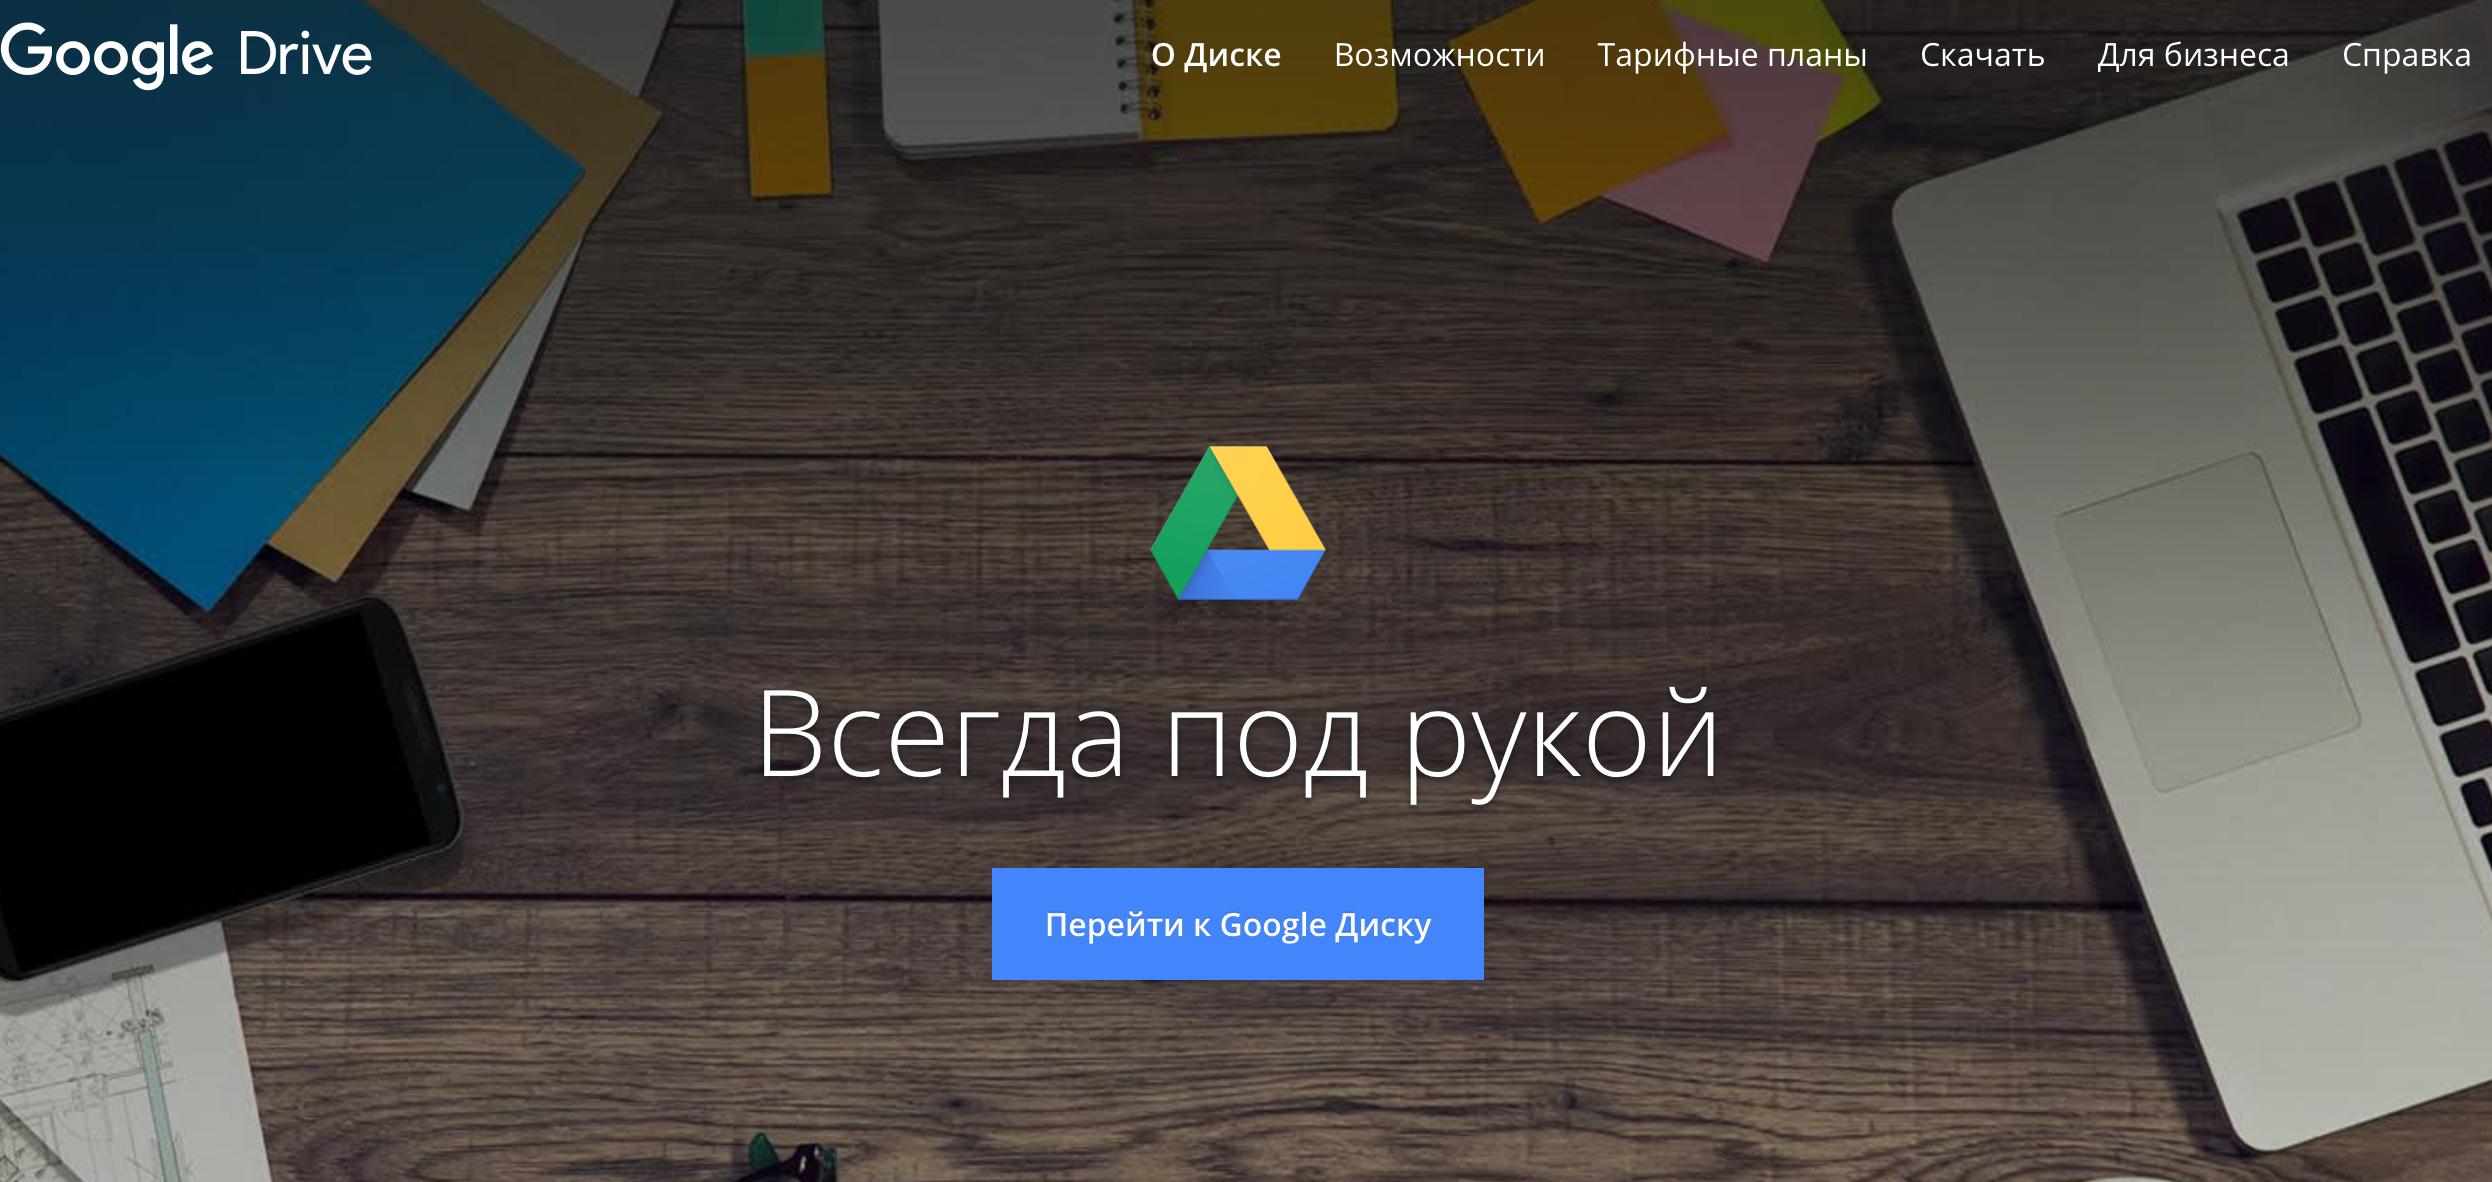 Главная страница Google Drive